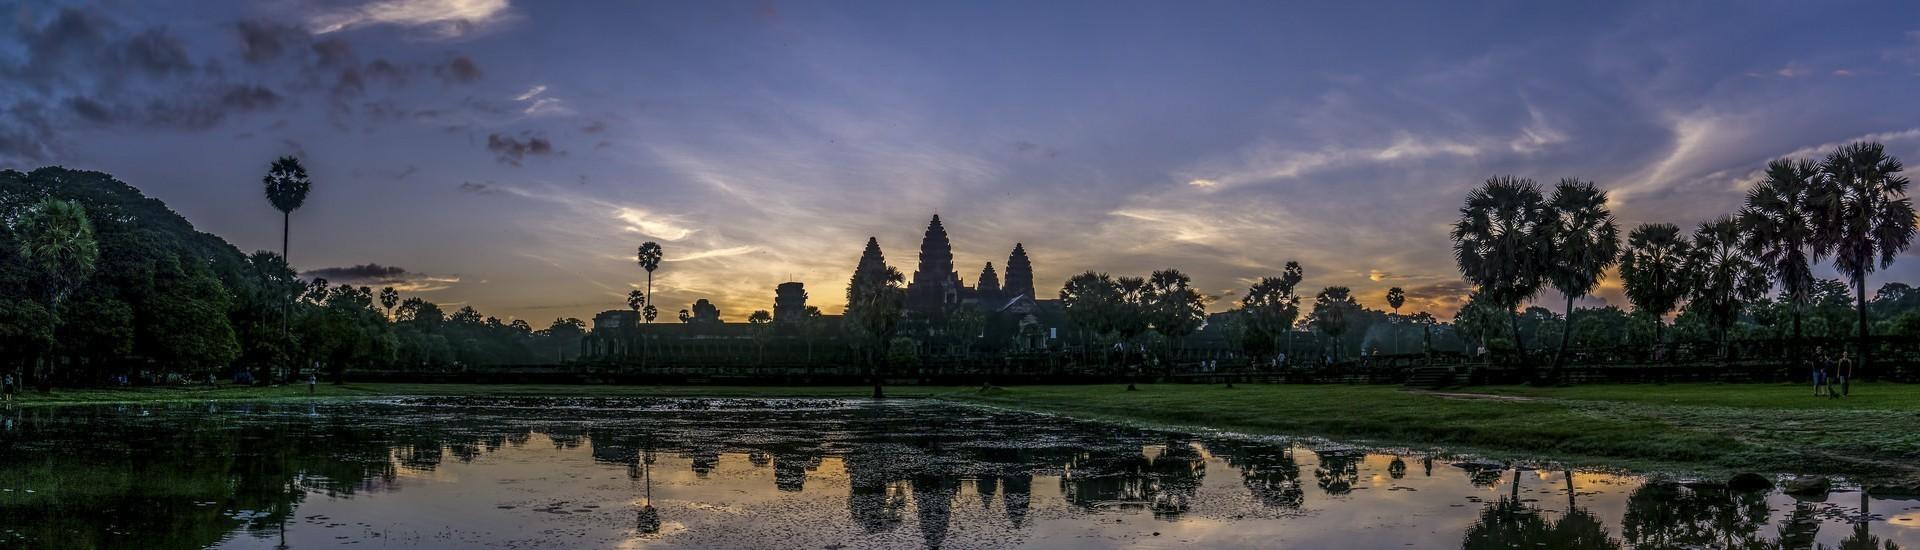 камбоджа, достопримечательности камбоджи, сием рип, ангкор ват, ангкор том, паб стрит, красные кхмеры